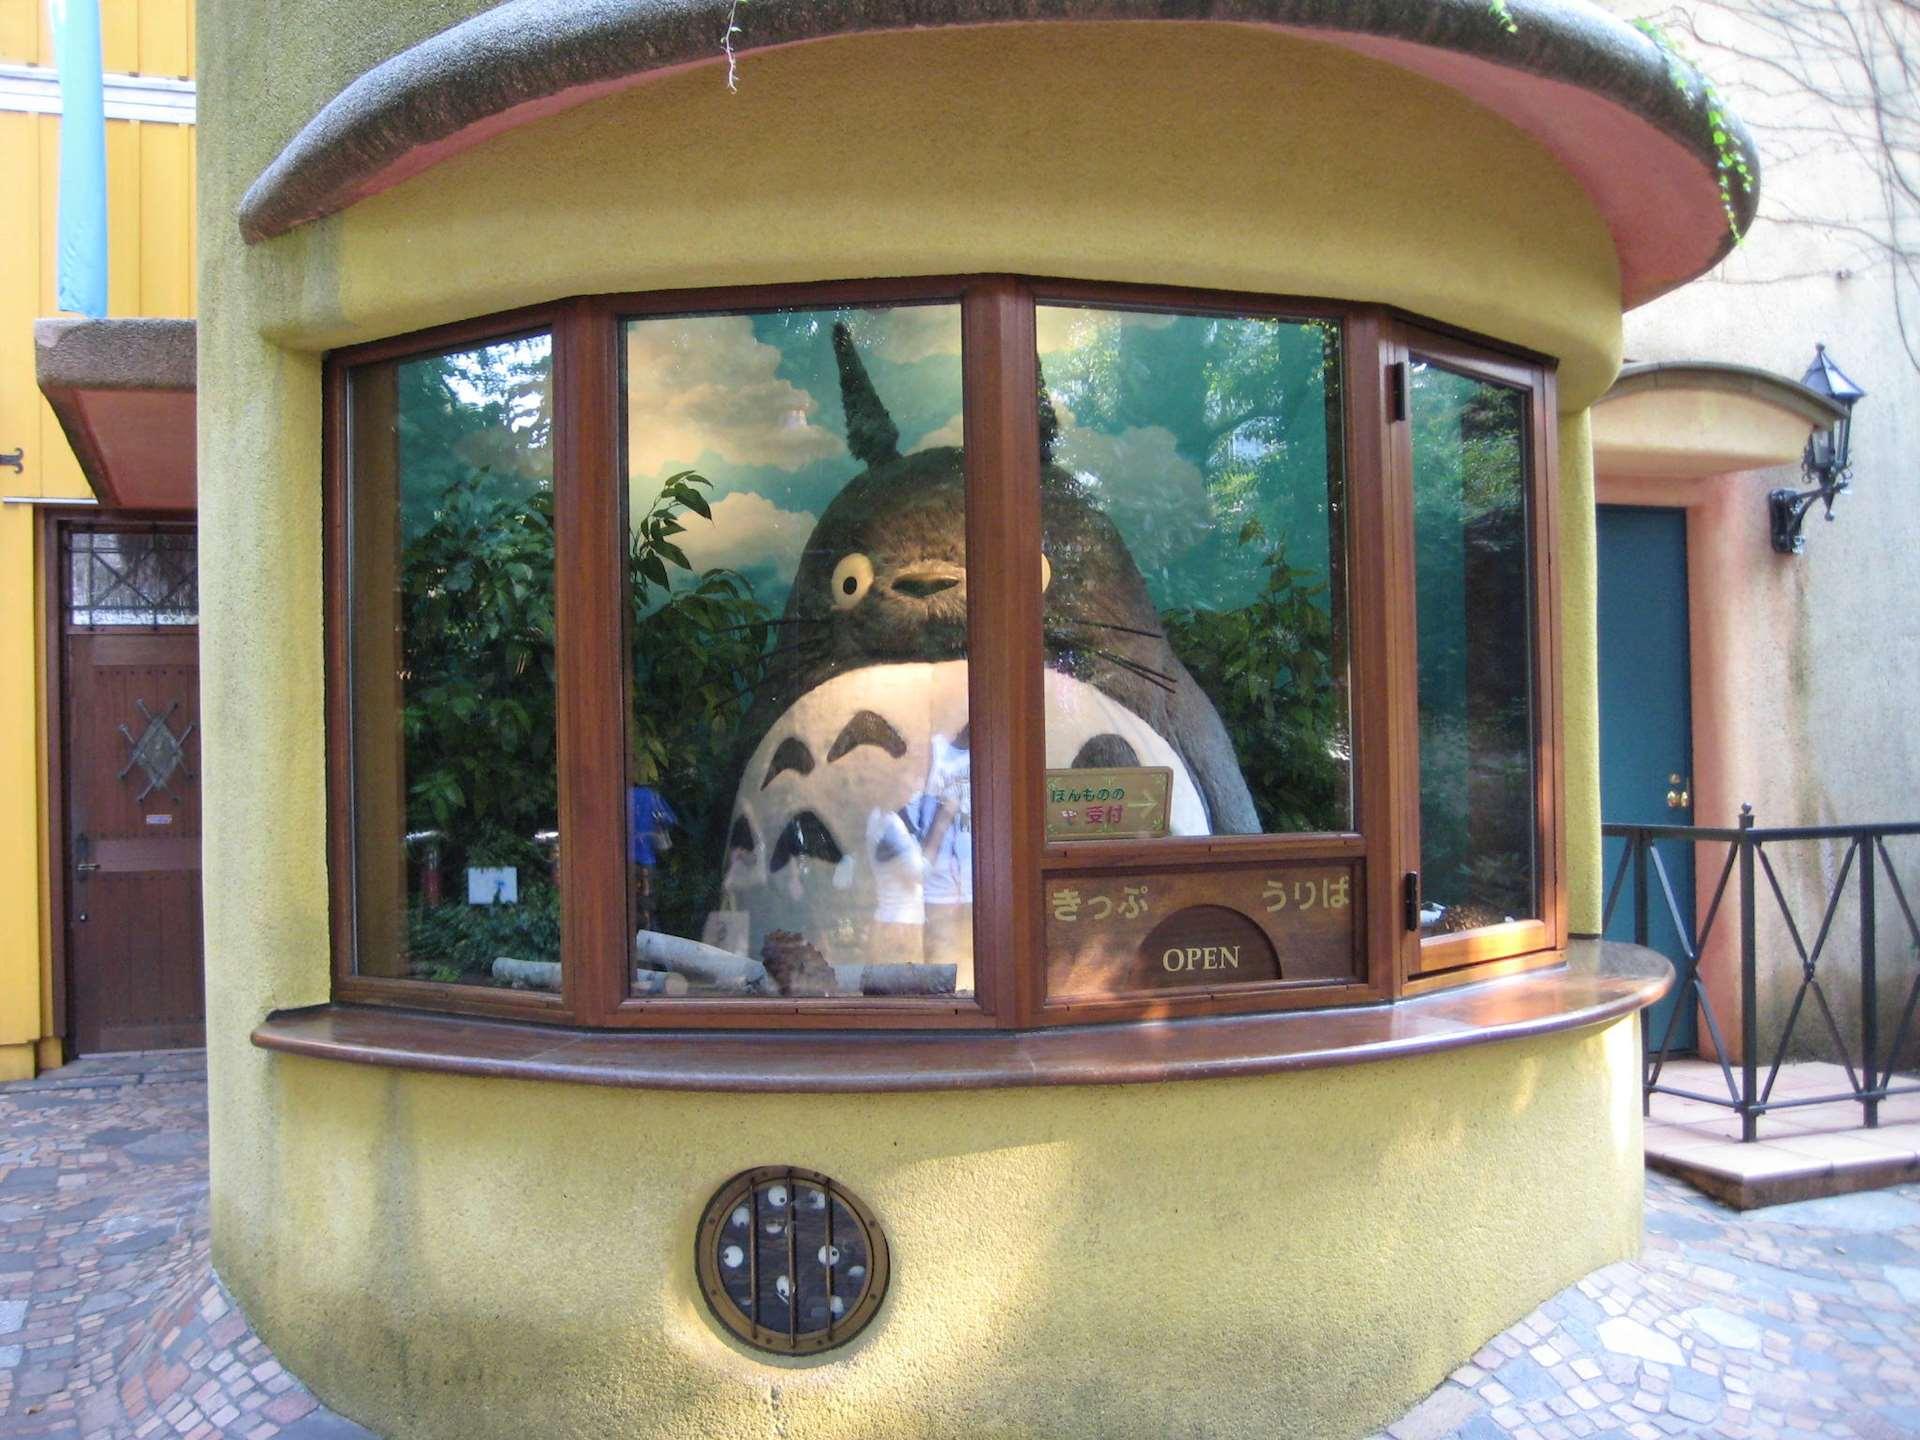 Visita al Museo Ghibli